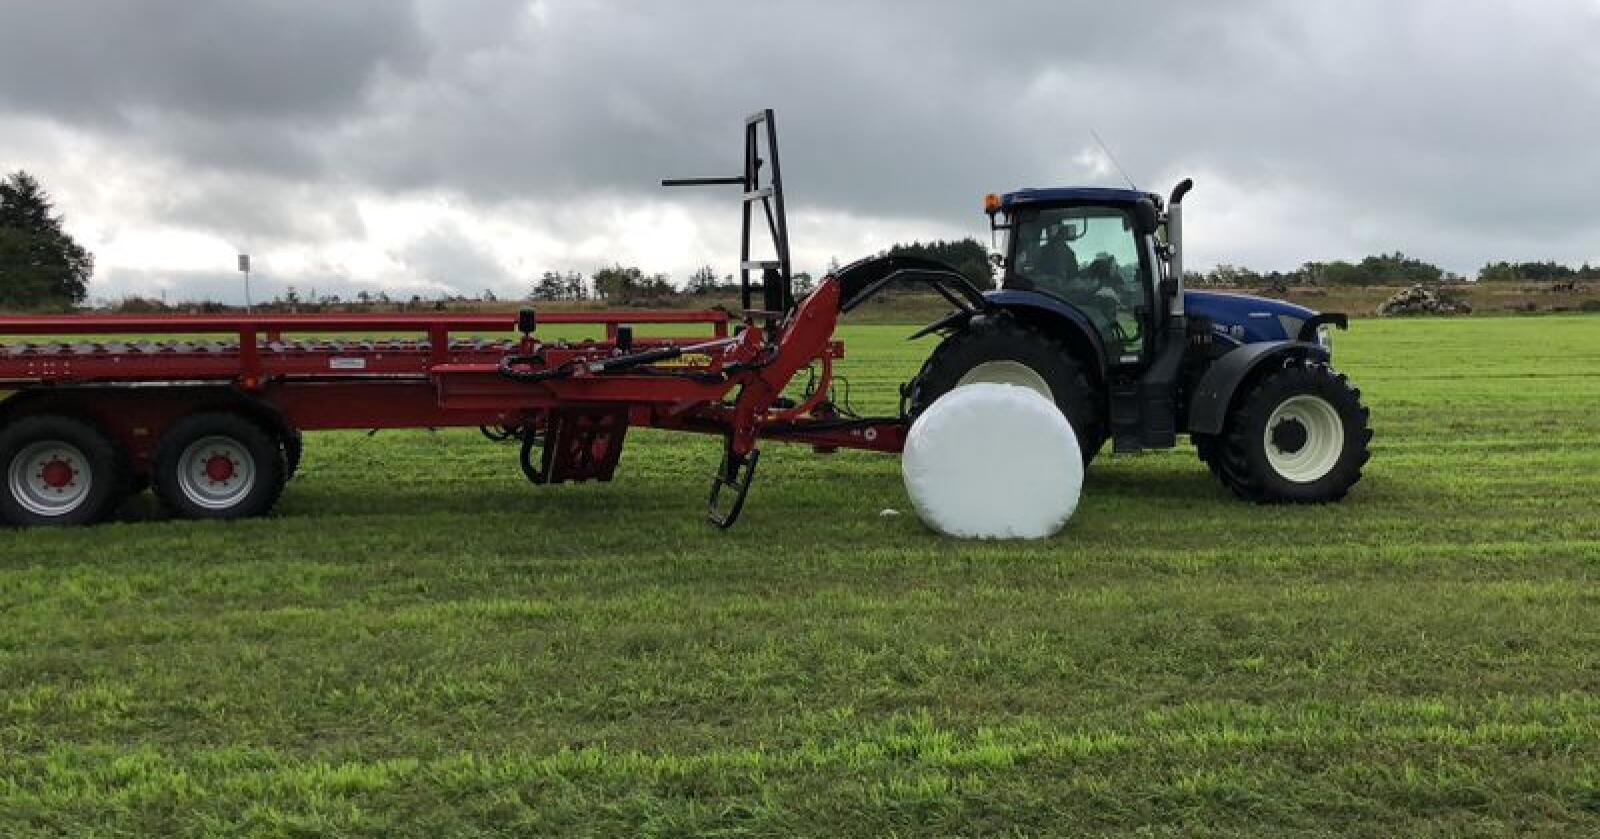 Begge veier: Anderson RBM2000 PRO kan både plukke opp liggende og stående baller. Foto: Ålgård Landbrukssenter